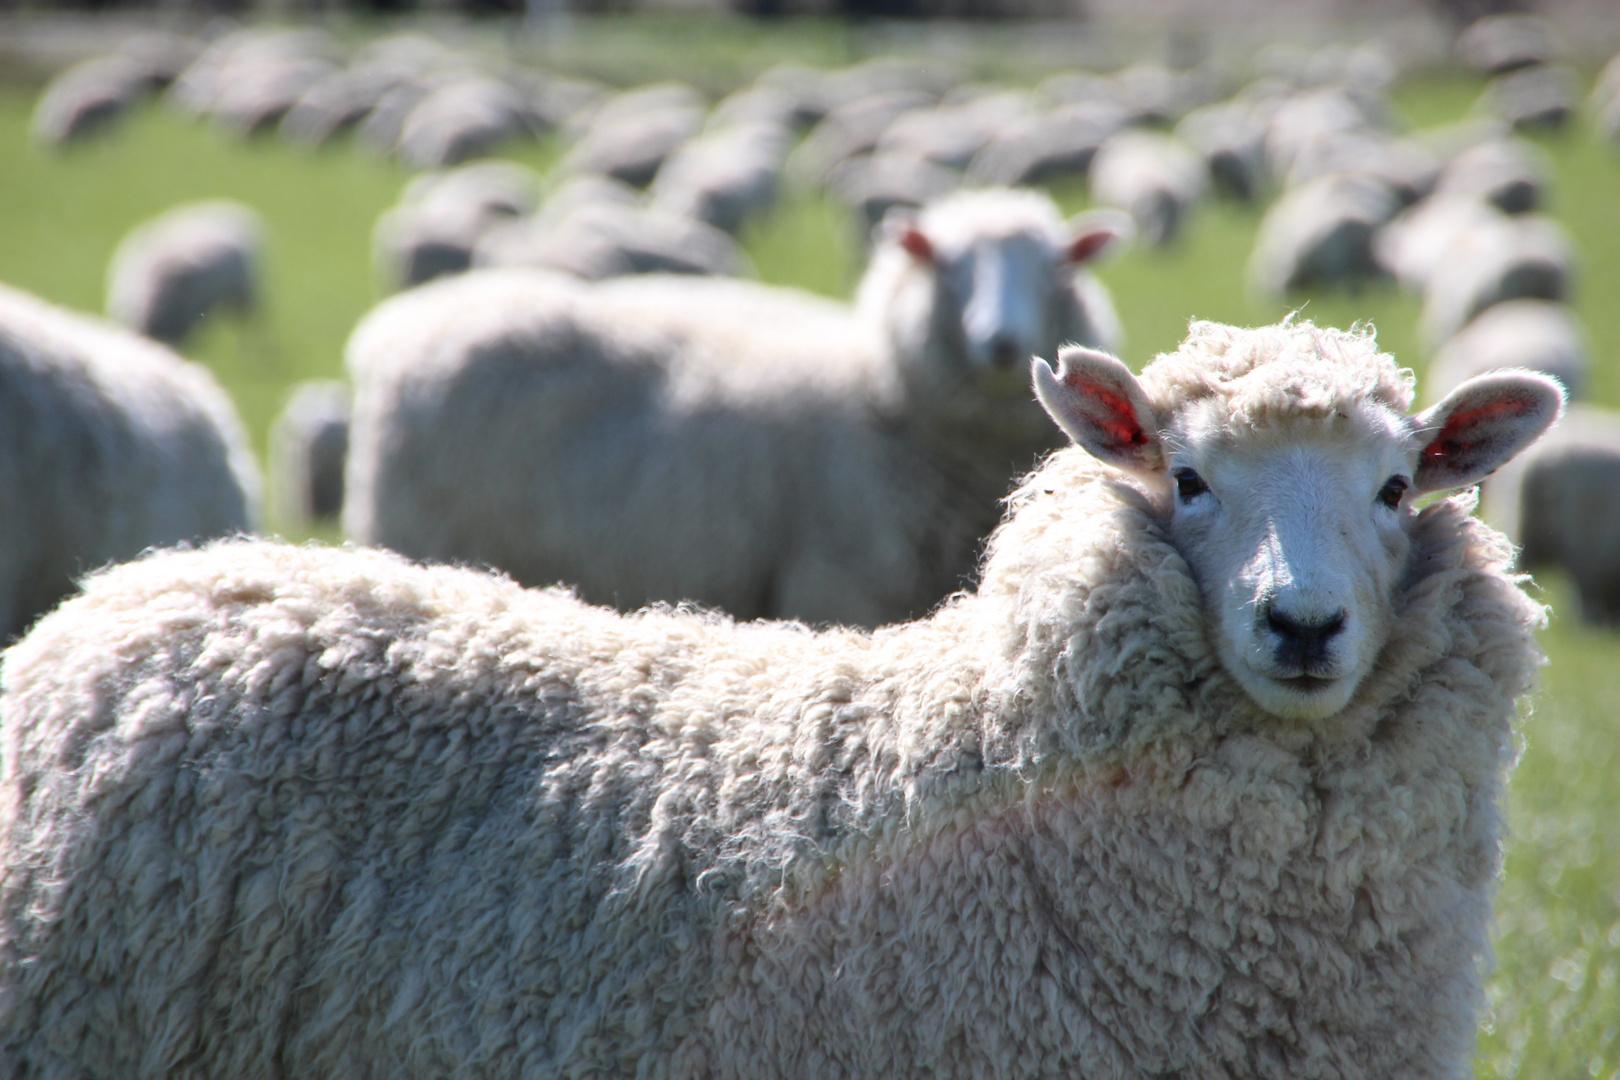 Schaf oder unscharf?